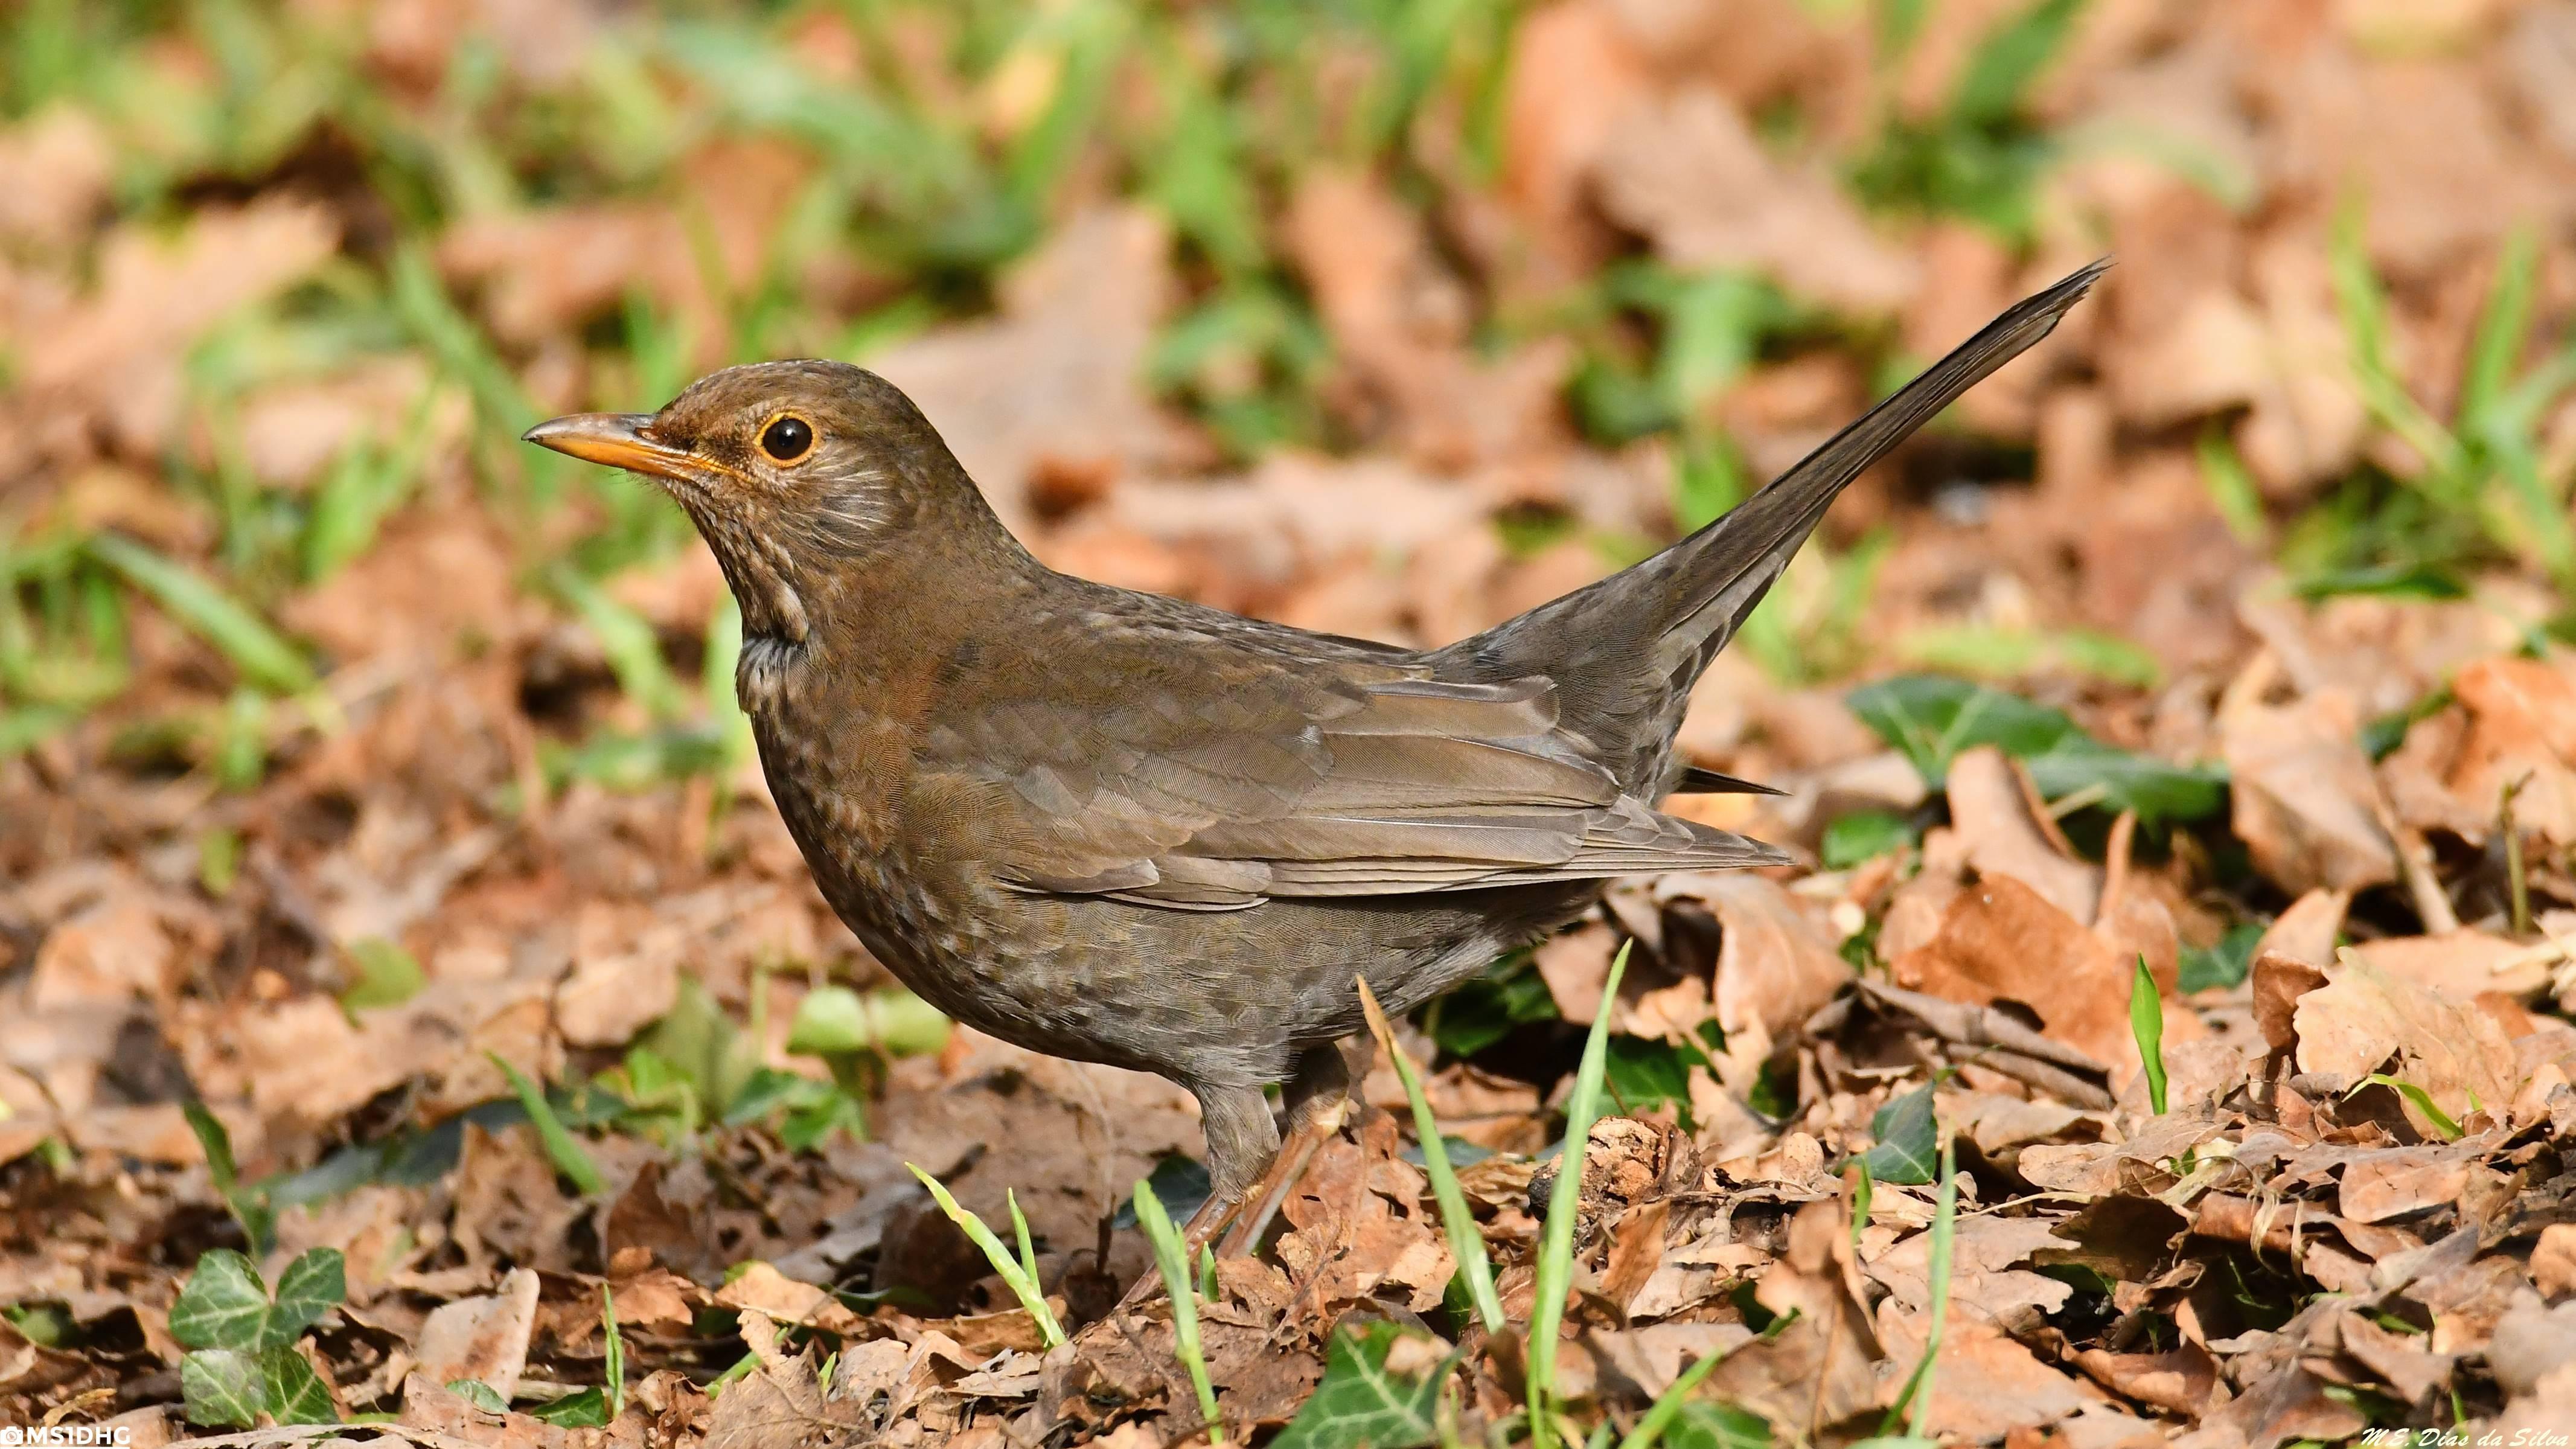 Fórum Aves - Birdwatching em Portugal - Portal Melro-preto%20(67)